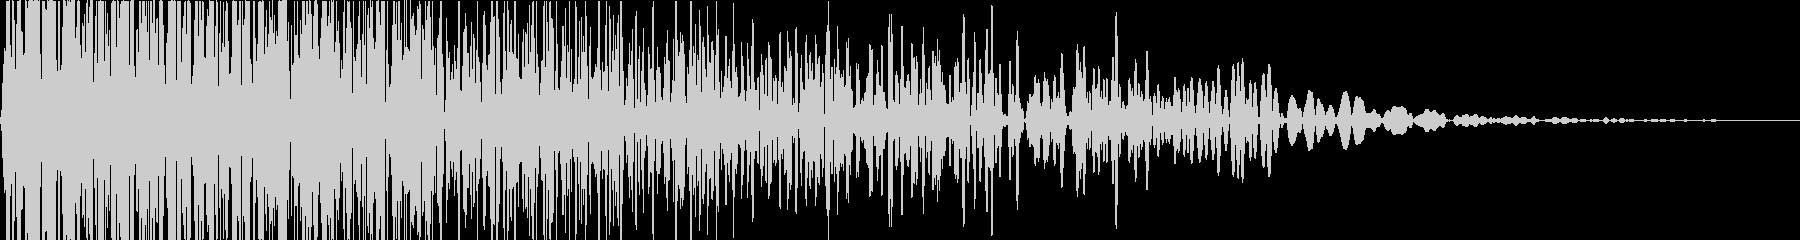 ビューン(ゲーム/移動音/効果音)の未再生の波形